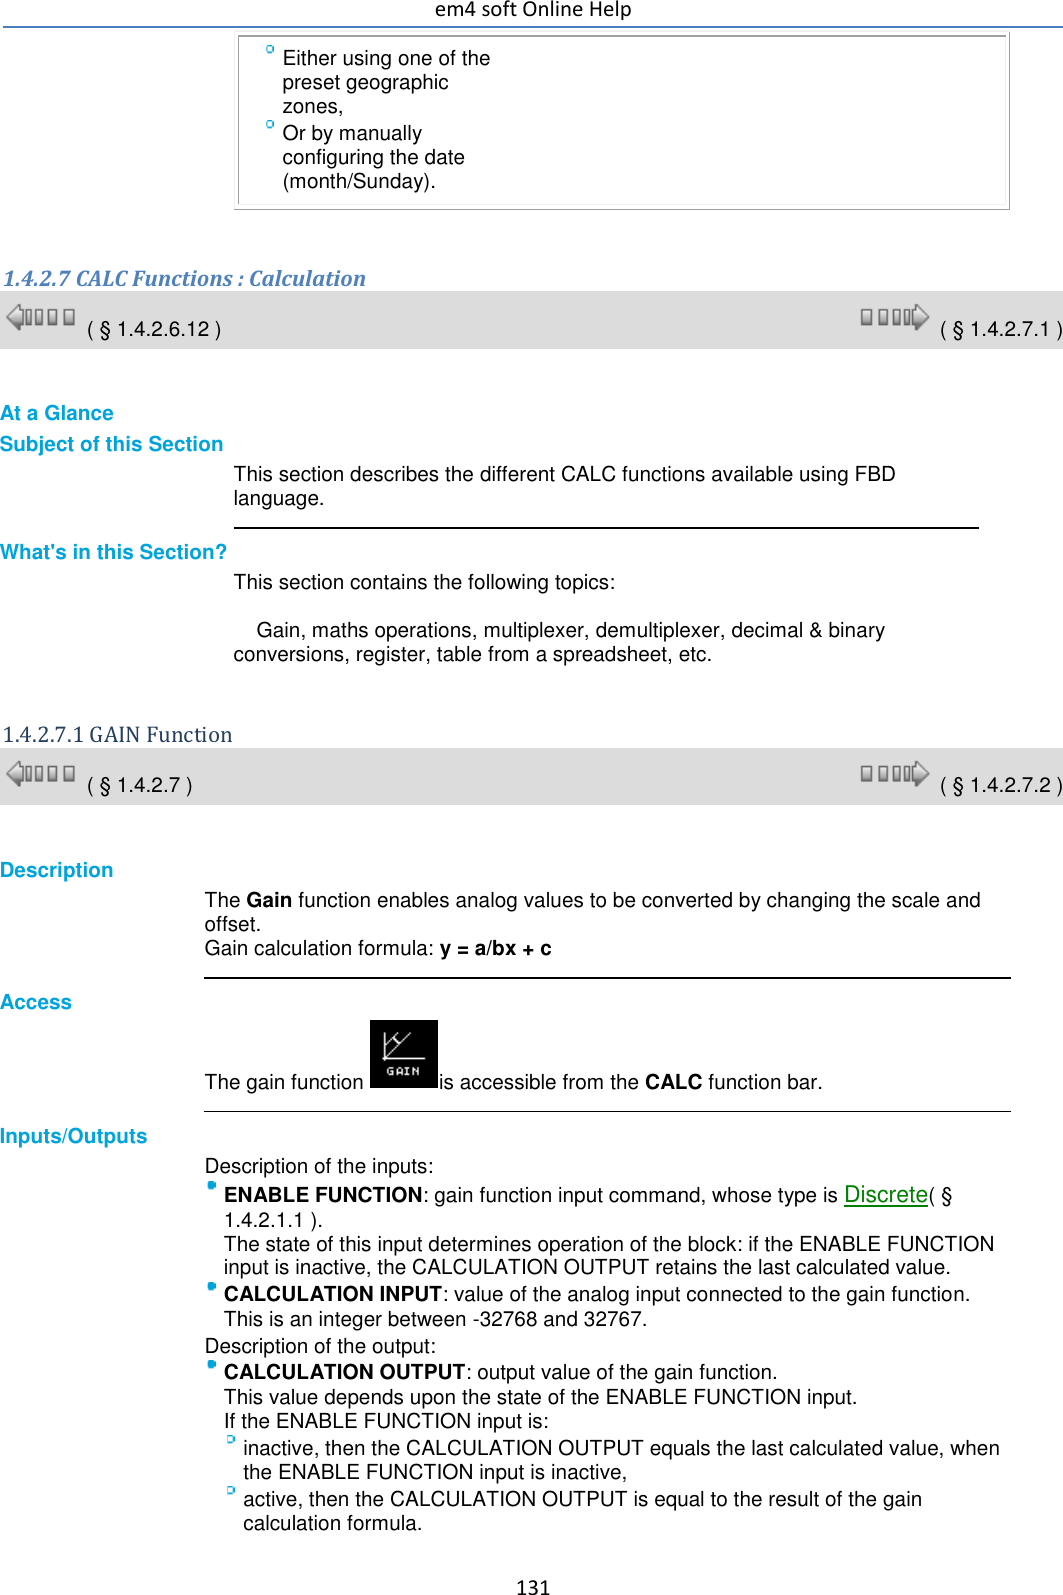 Software Em4 online help UK